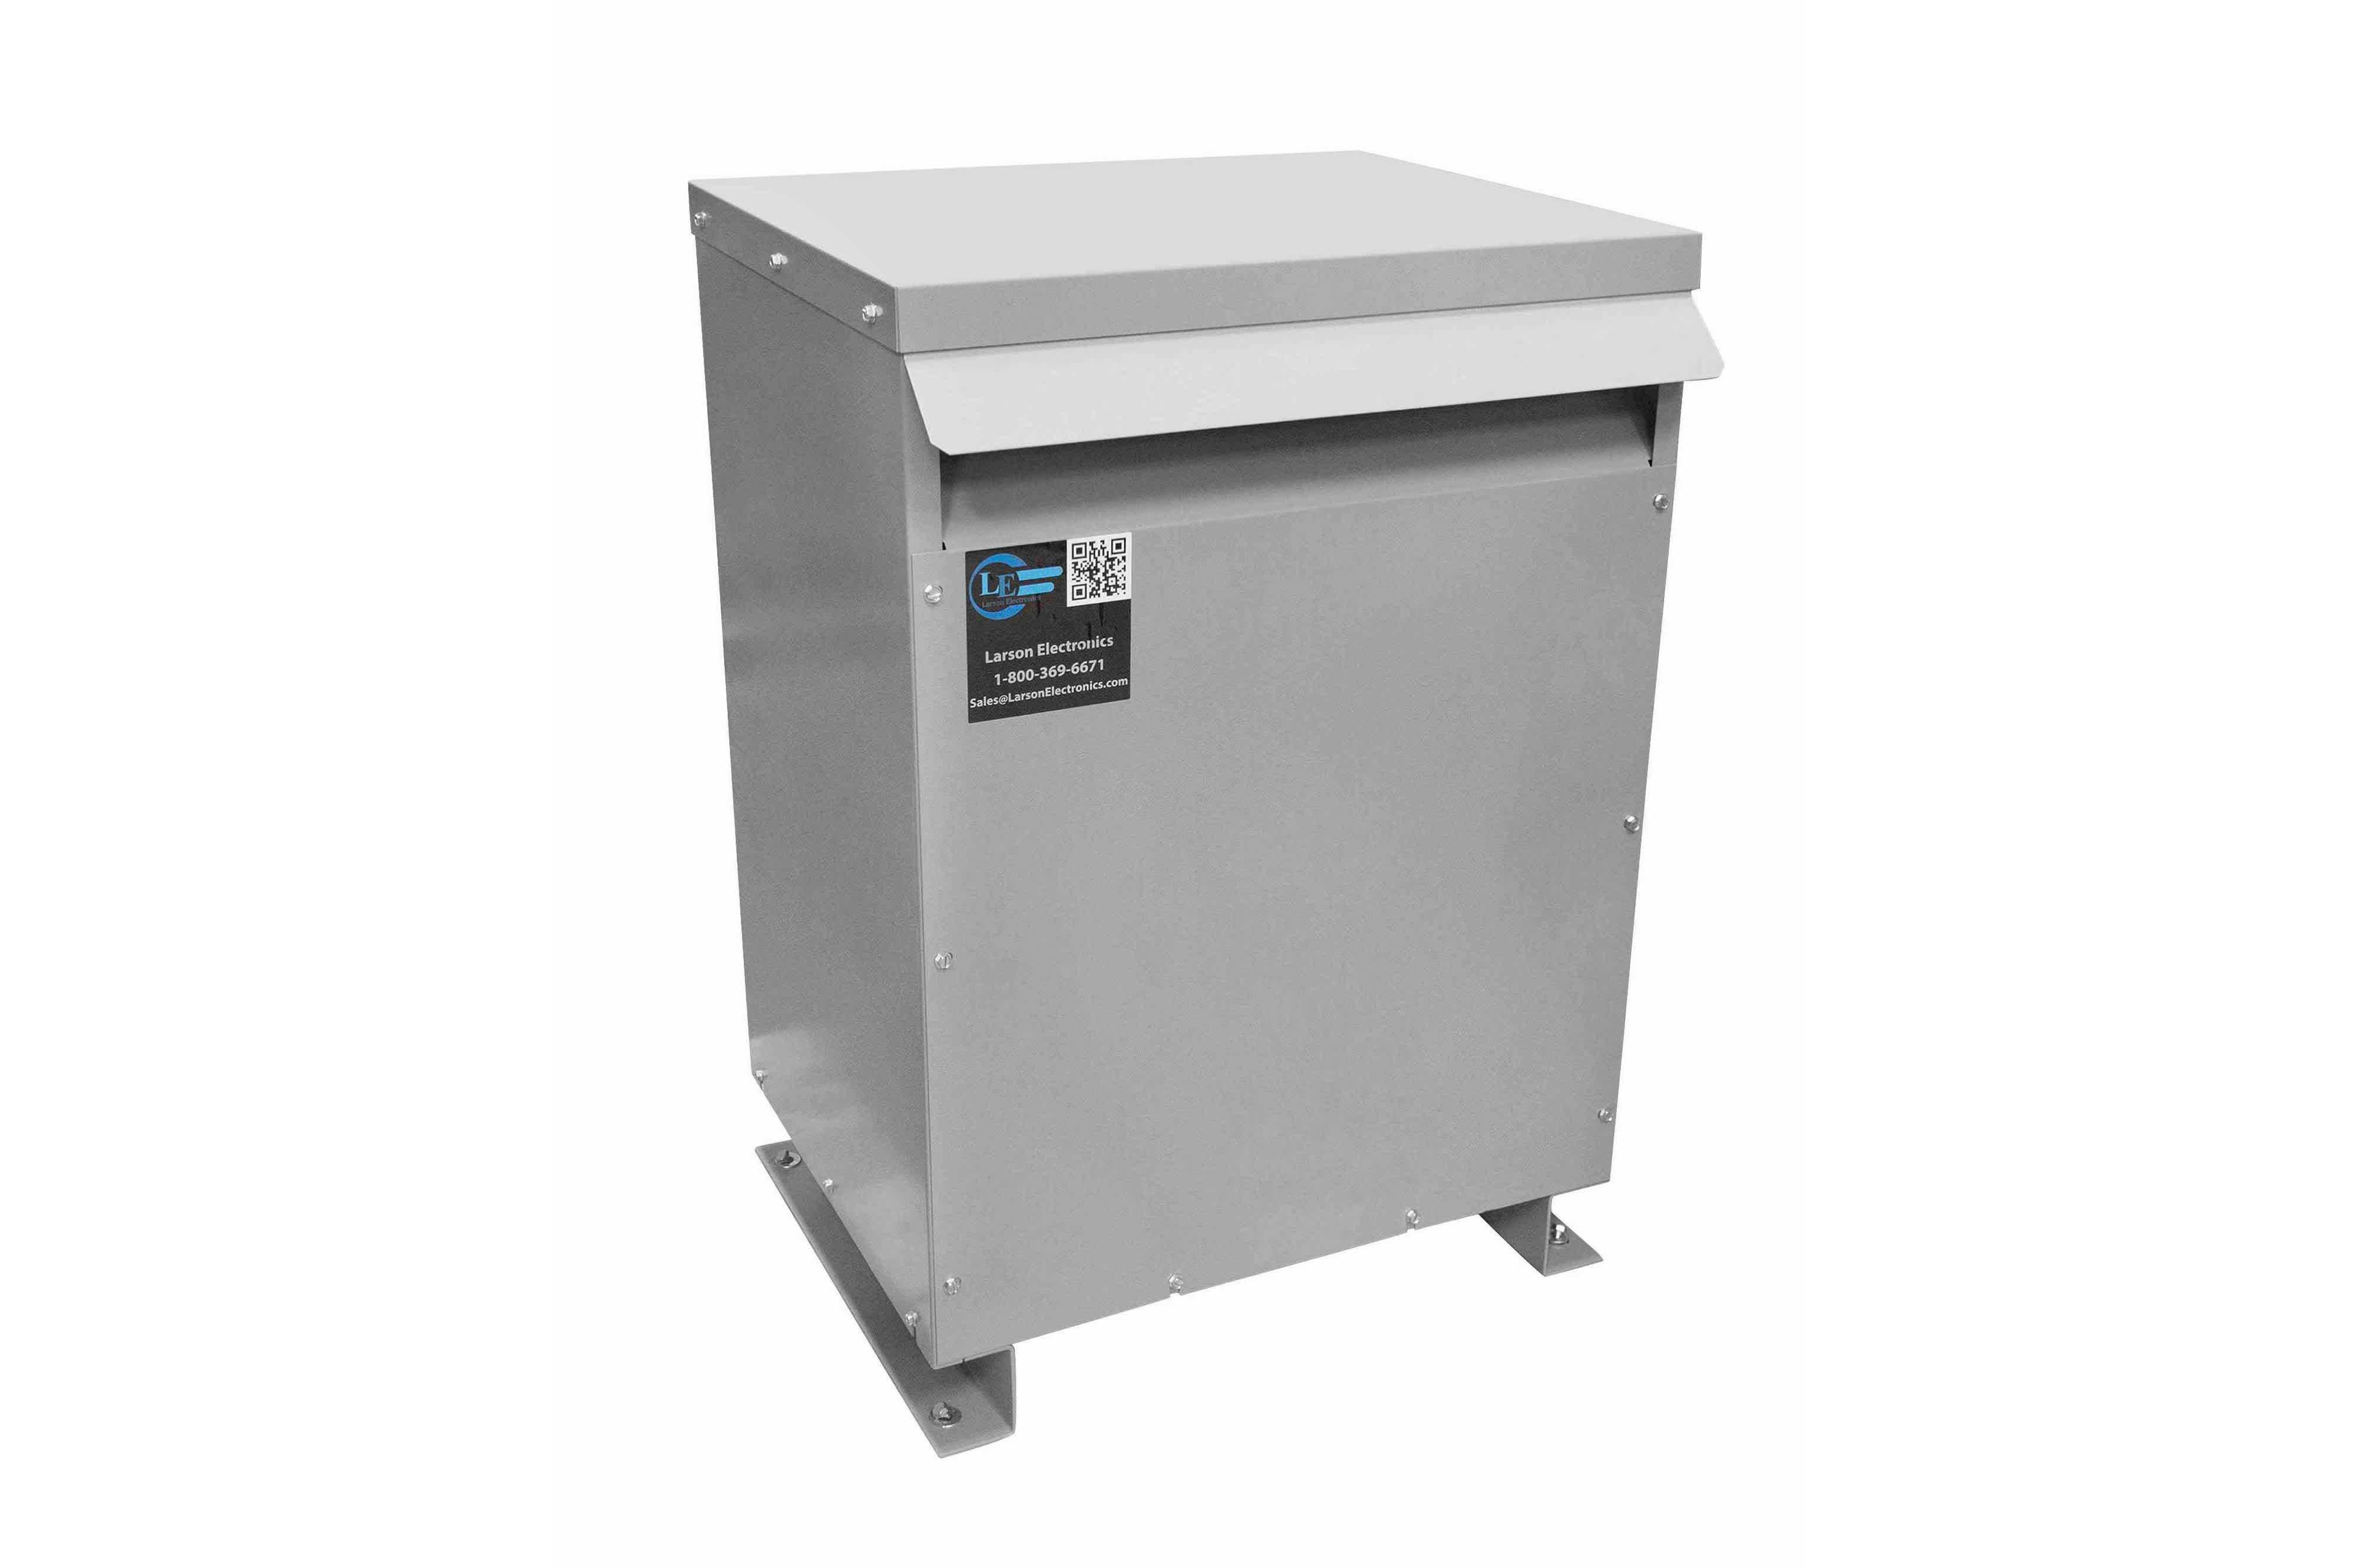 600 kVA 3PH Isolation Transformer, 575V Delta Primary, 240 Delta Secondary, N3R, Ventilated, 60 Hz